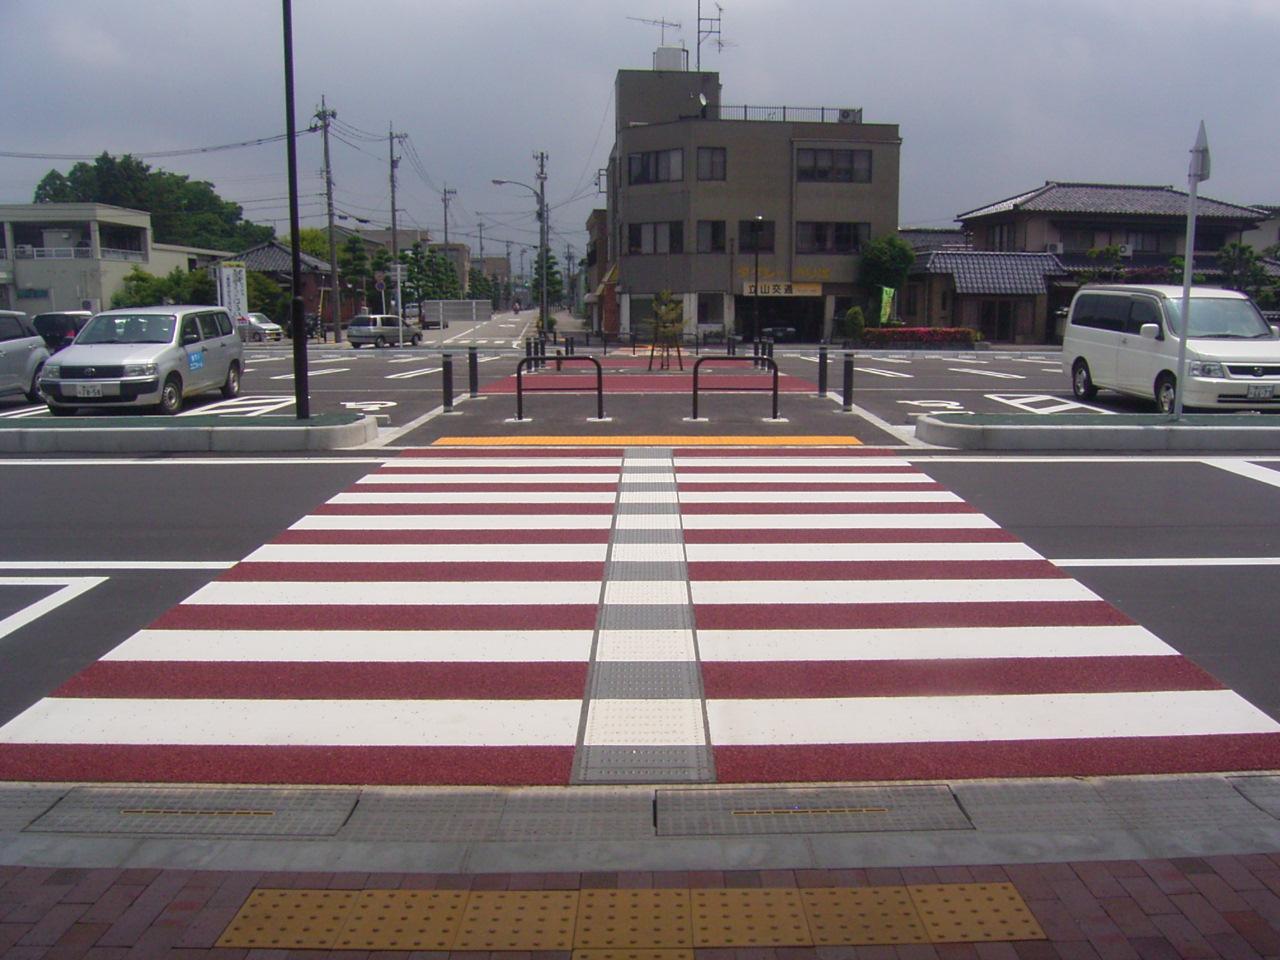 薄層カラー舗装(滑り止め)・路面カラー化 施工事例3